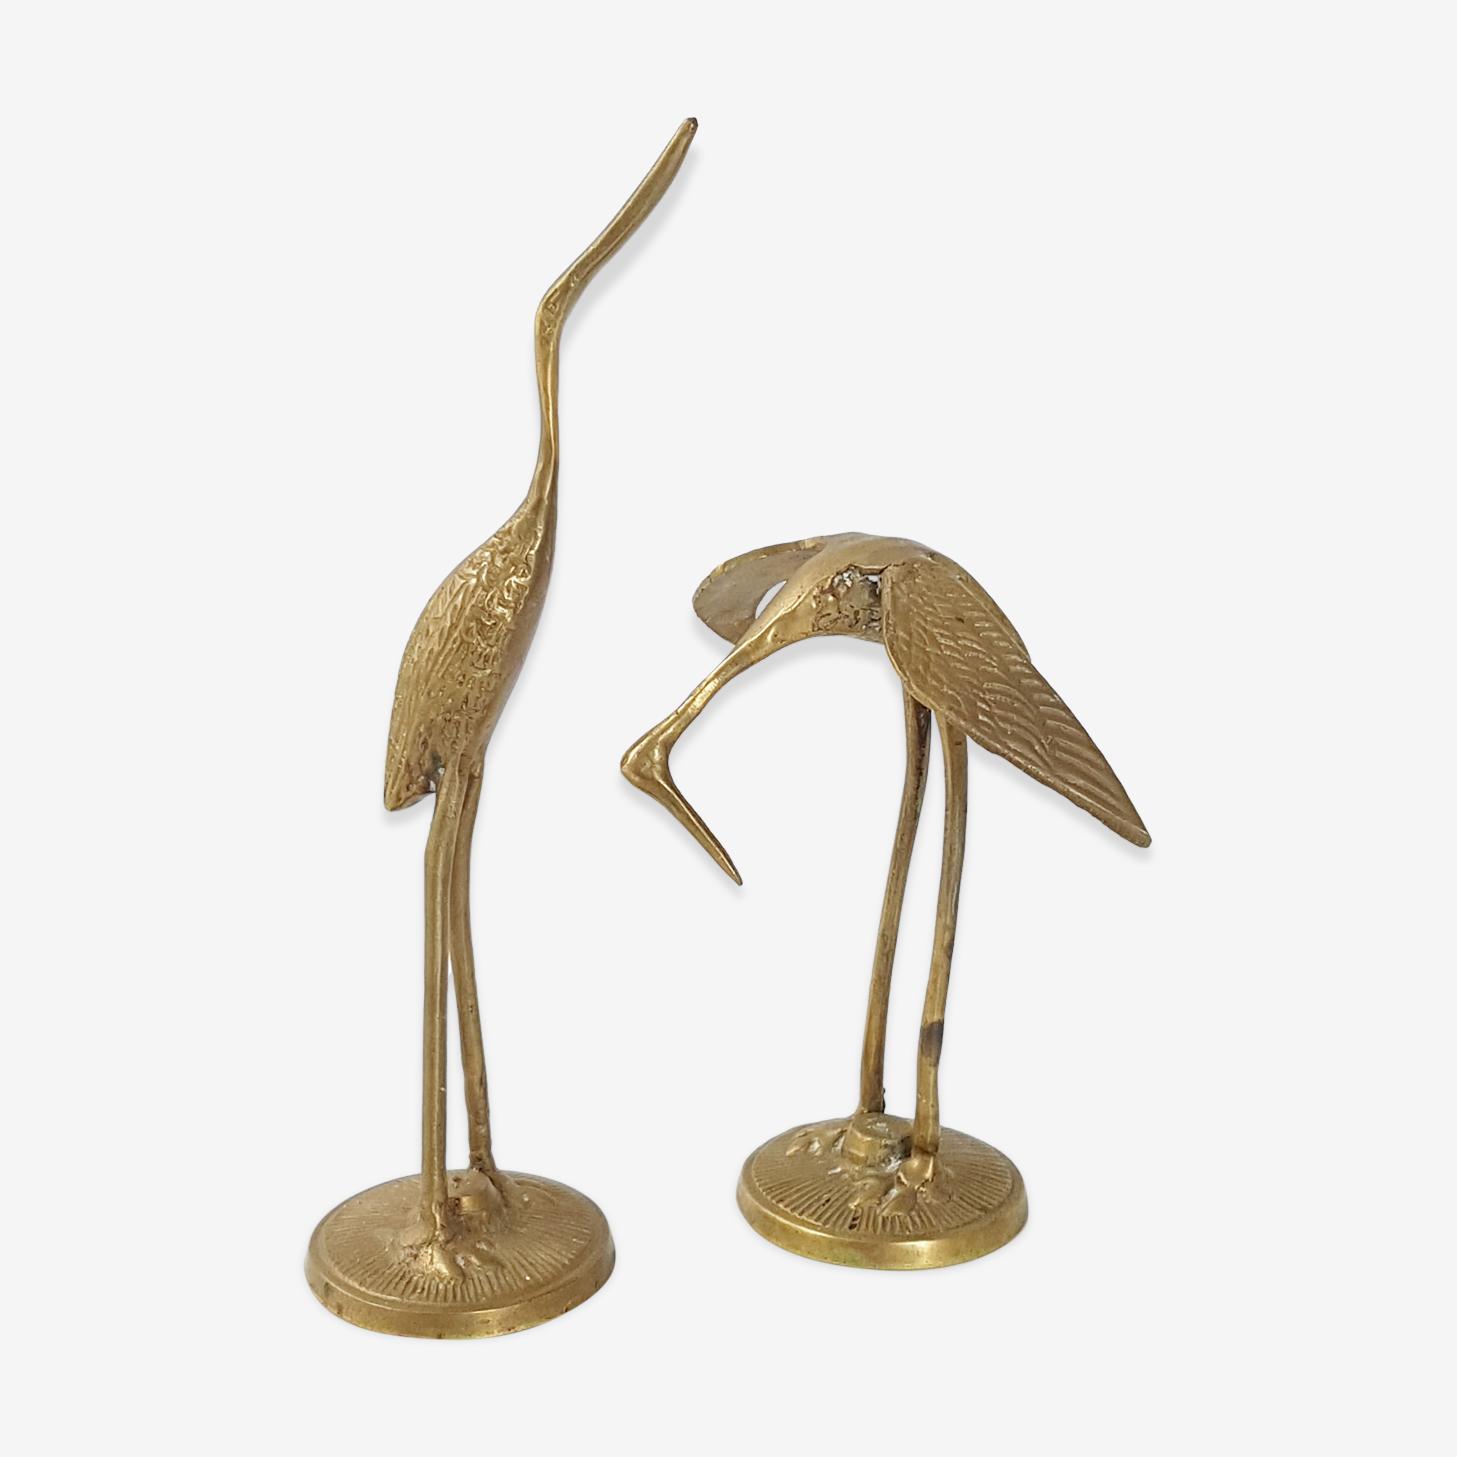 Pair of herons in golden brass 1970